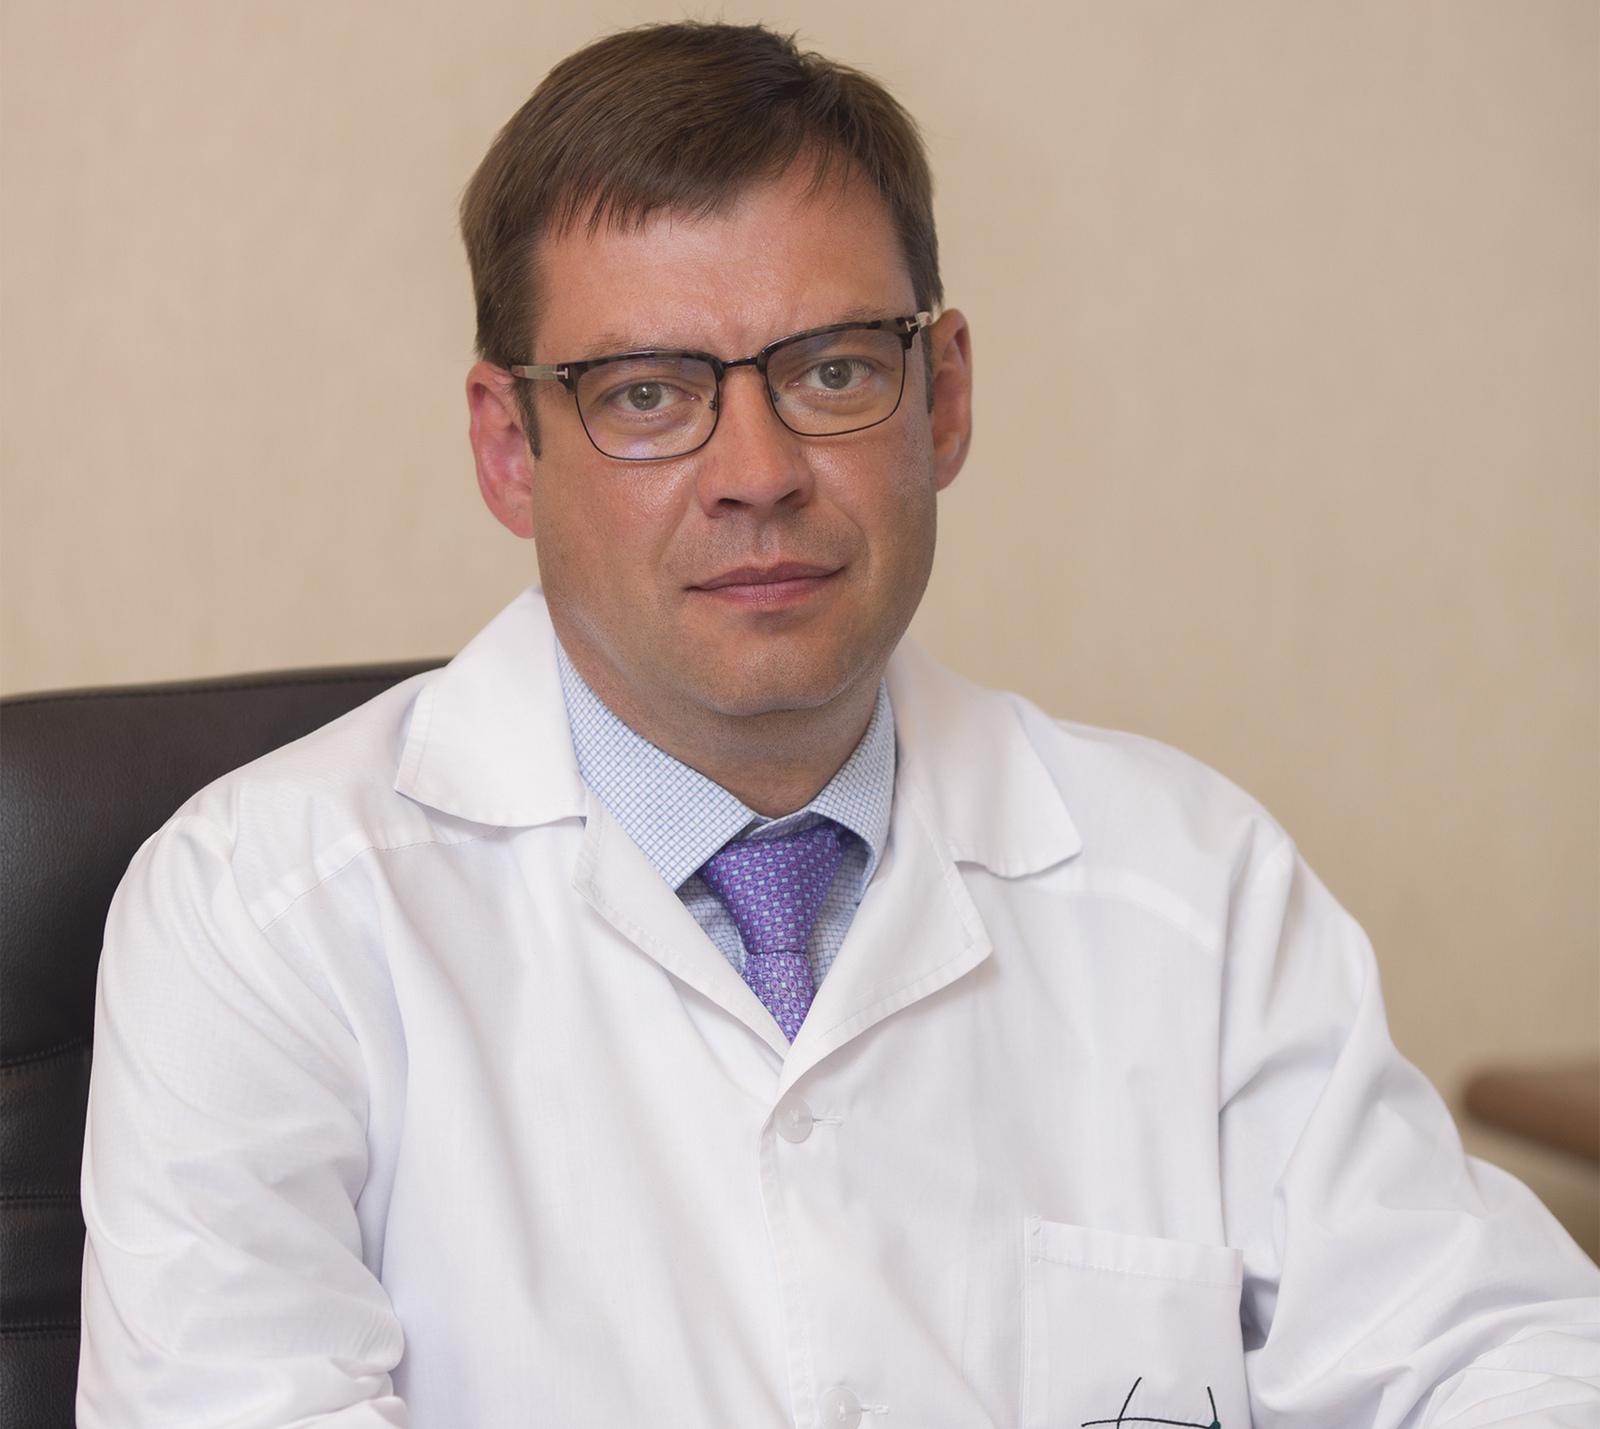 Жители Самарской области могут задать вопросы главному онкологу региона